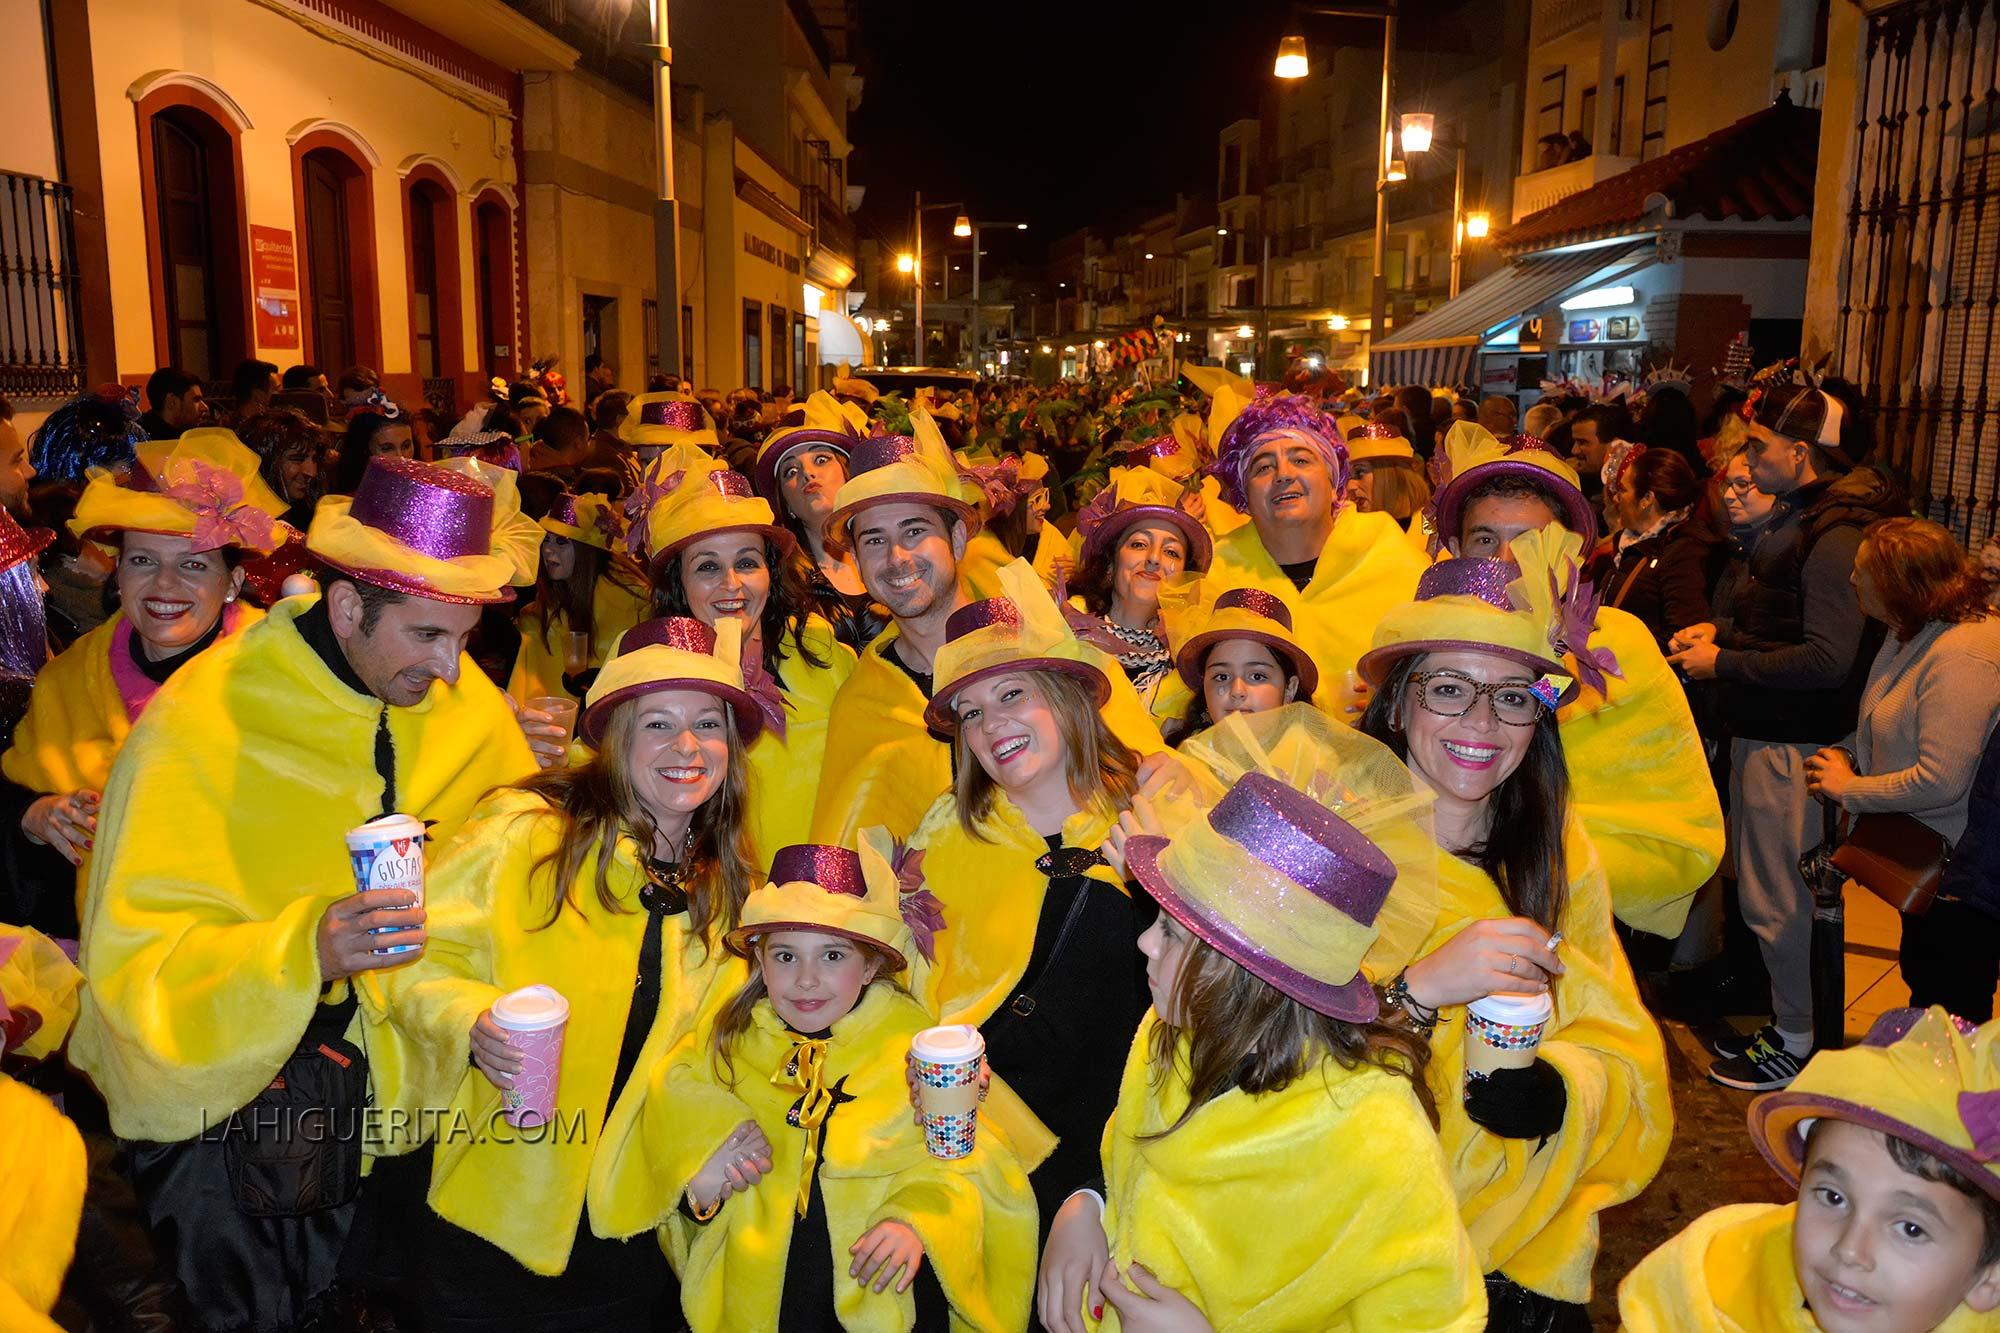 Entierro de la sardina carnaval isla cristina _DSC2022